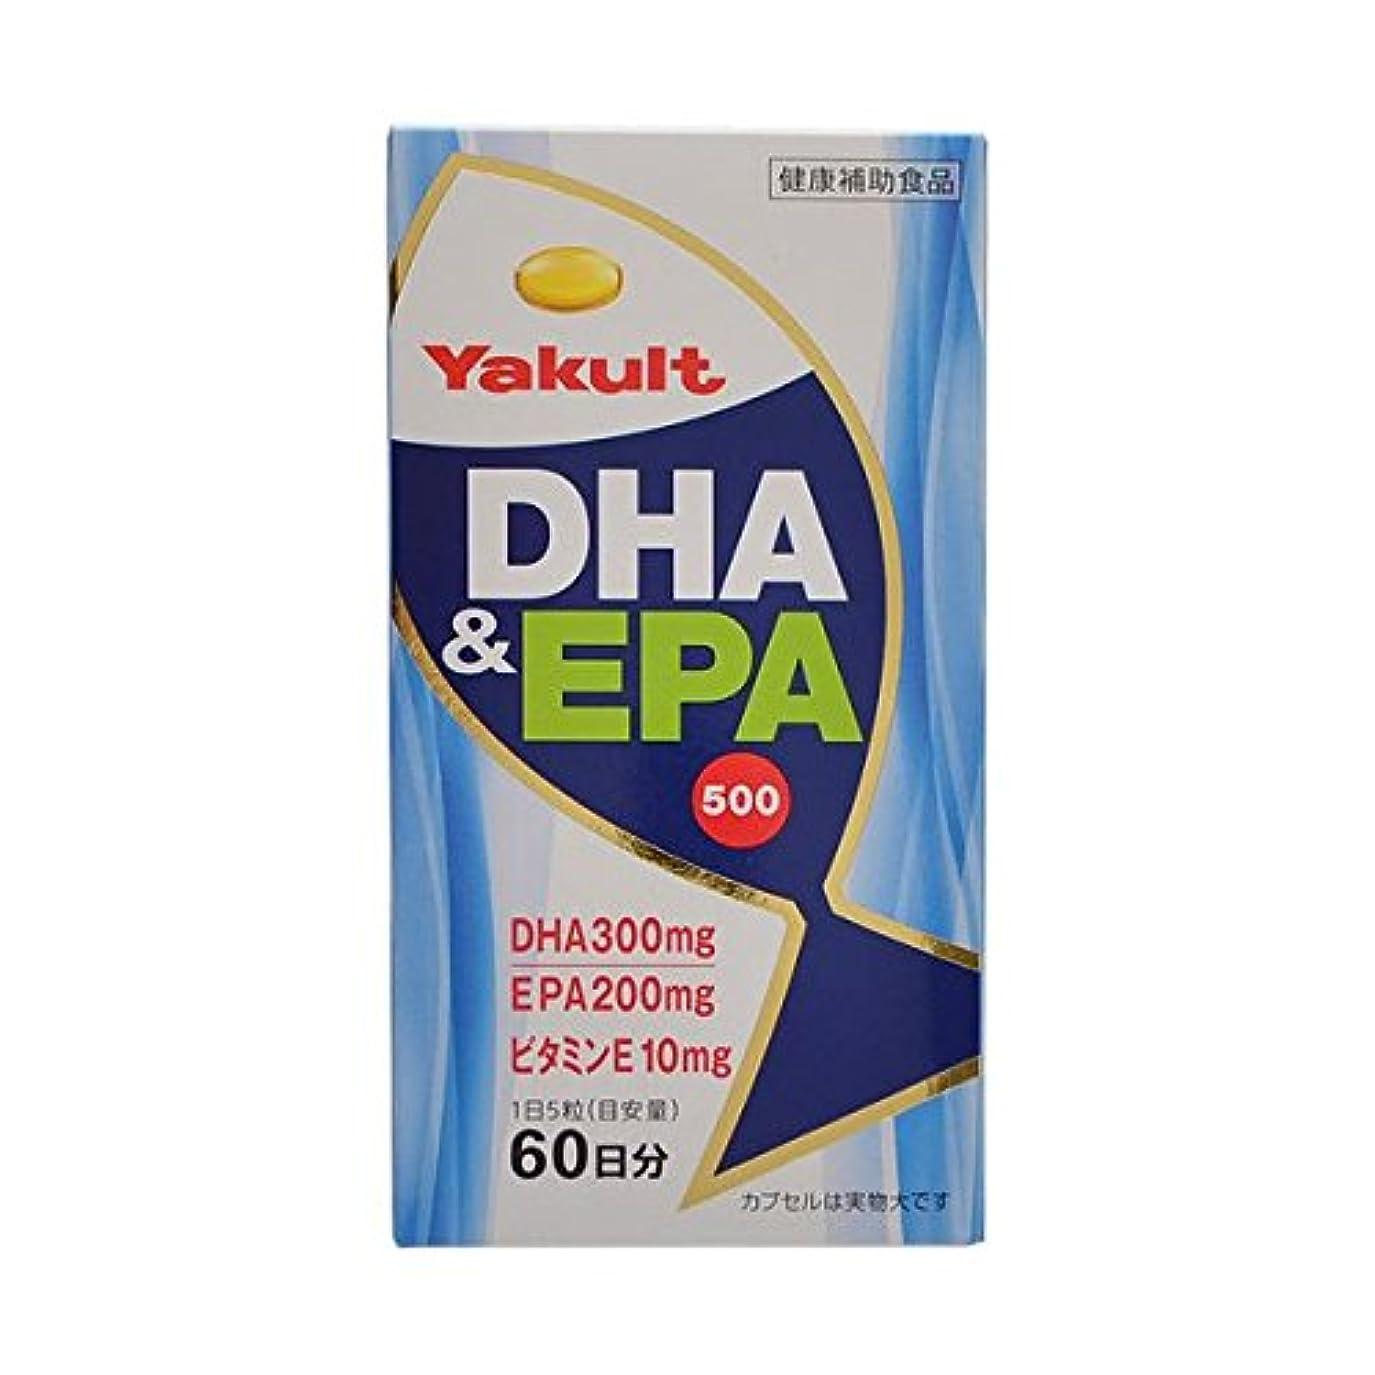 公使館ハーネス桃ヤクルト DHA&EPA500 430mg×300粒【2個セット】